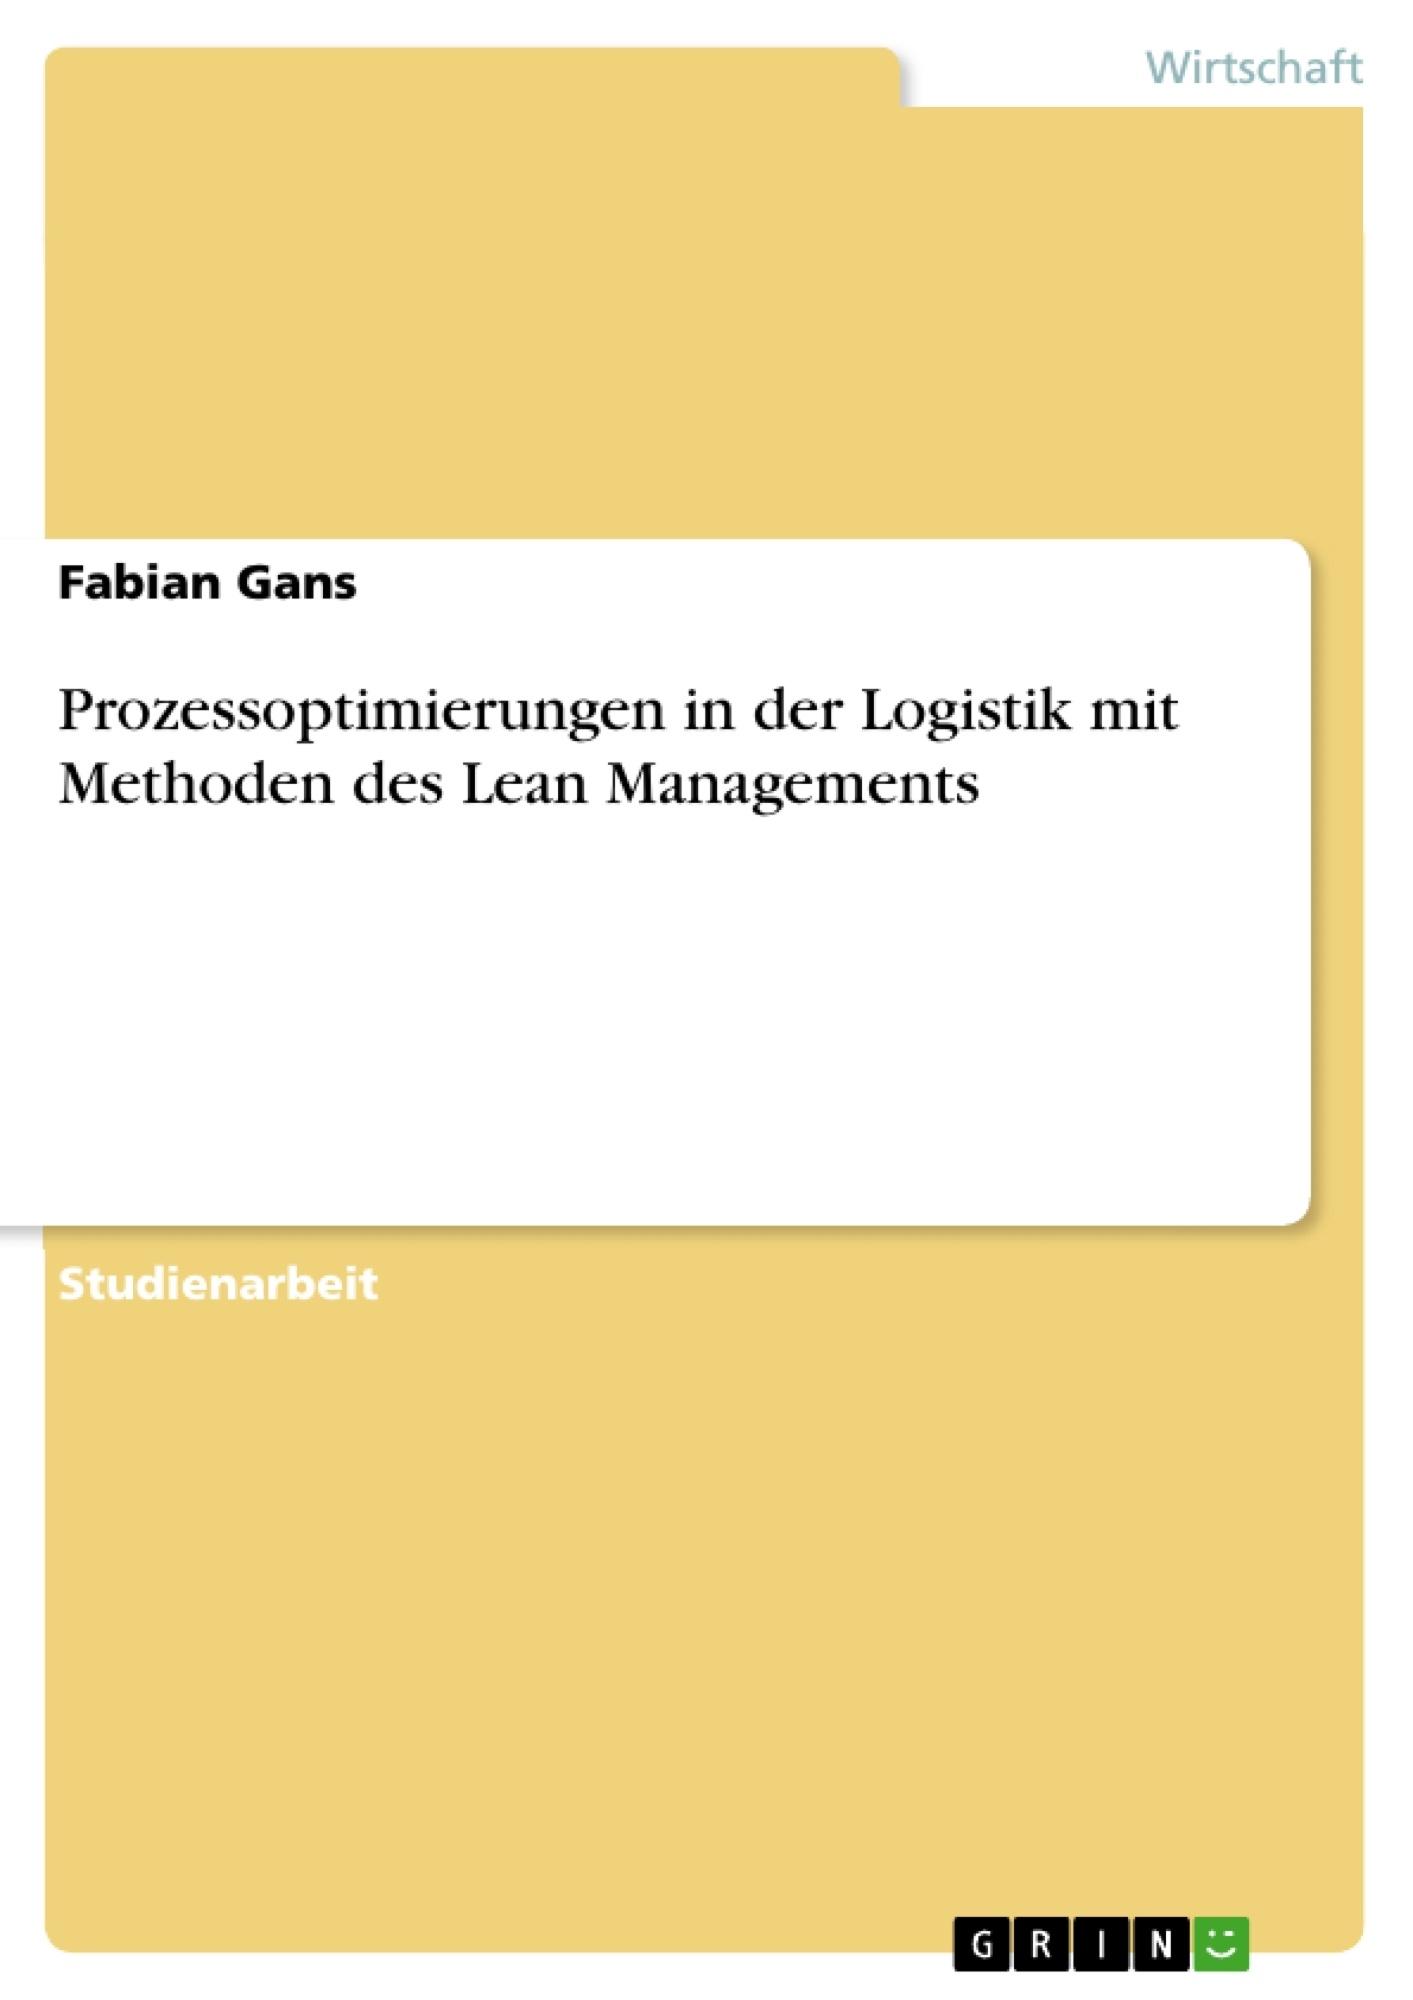 Titel: Prozessoptimierungen in der Logistik mit Methoden des Lean Managements